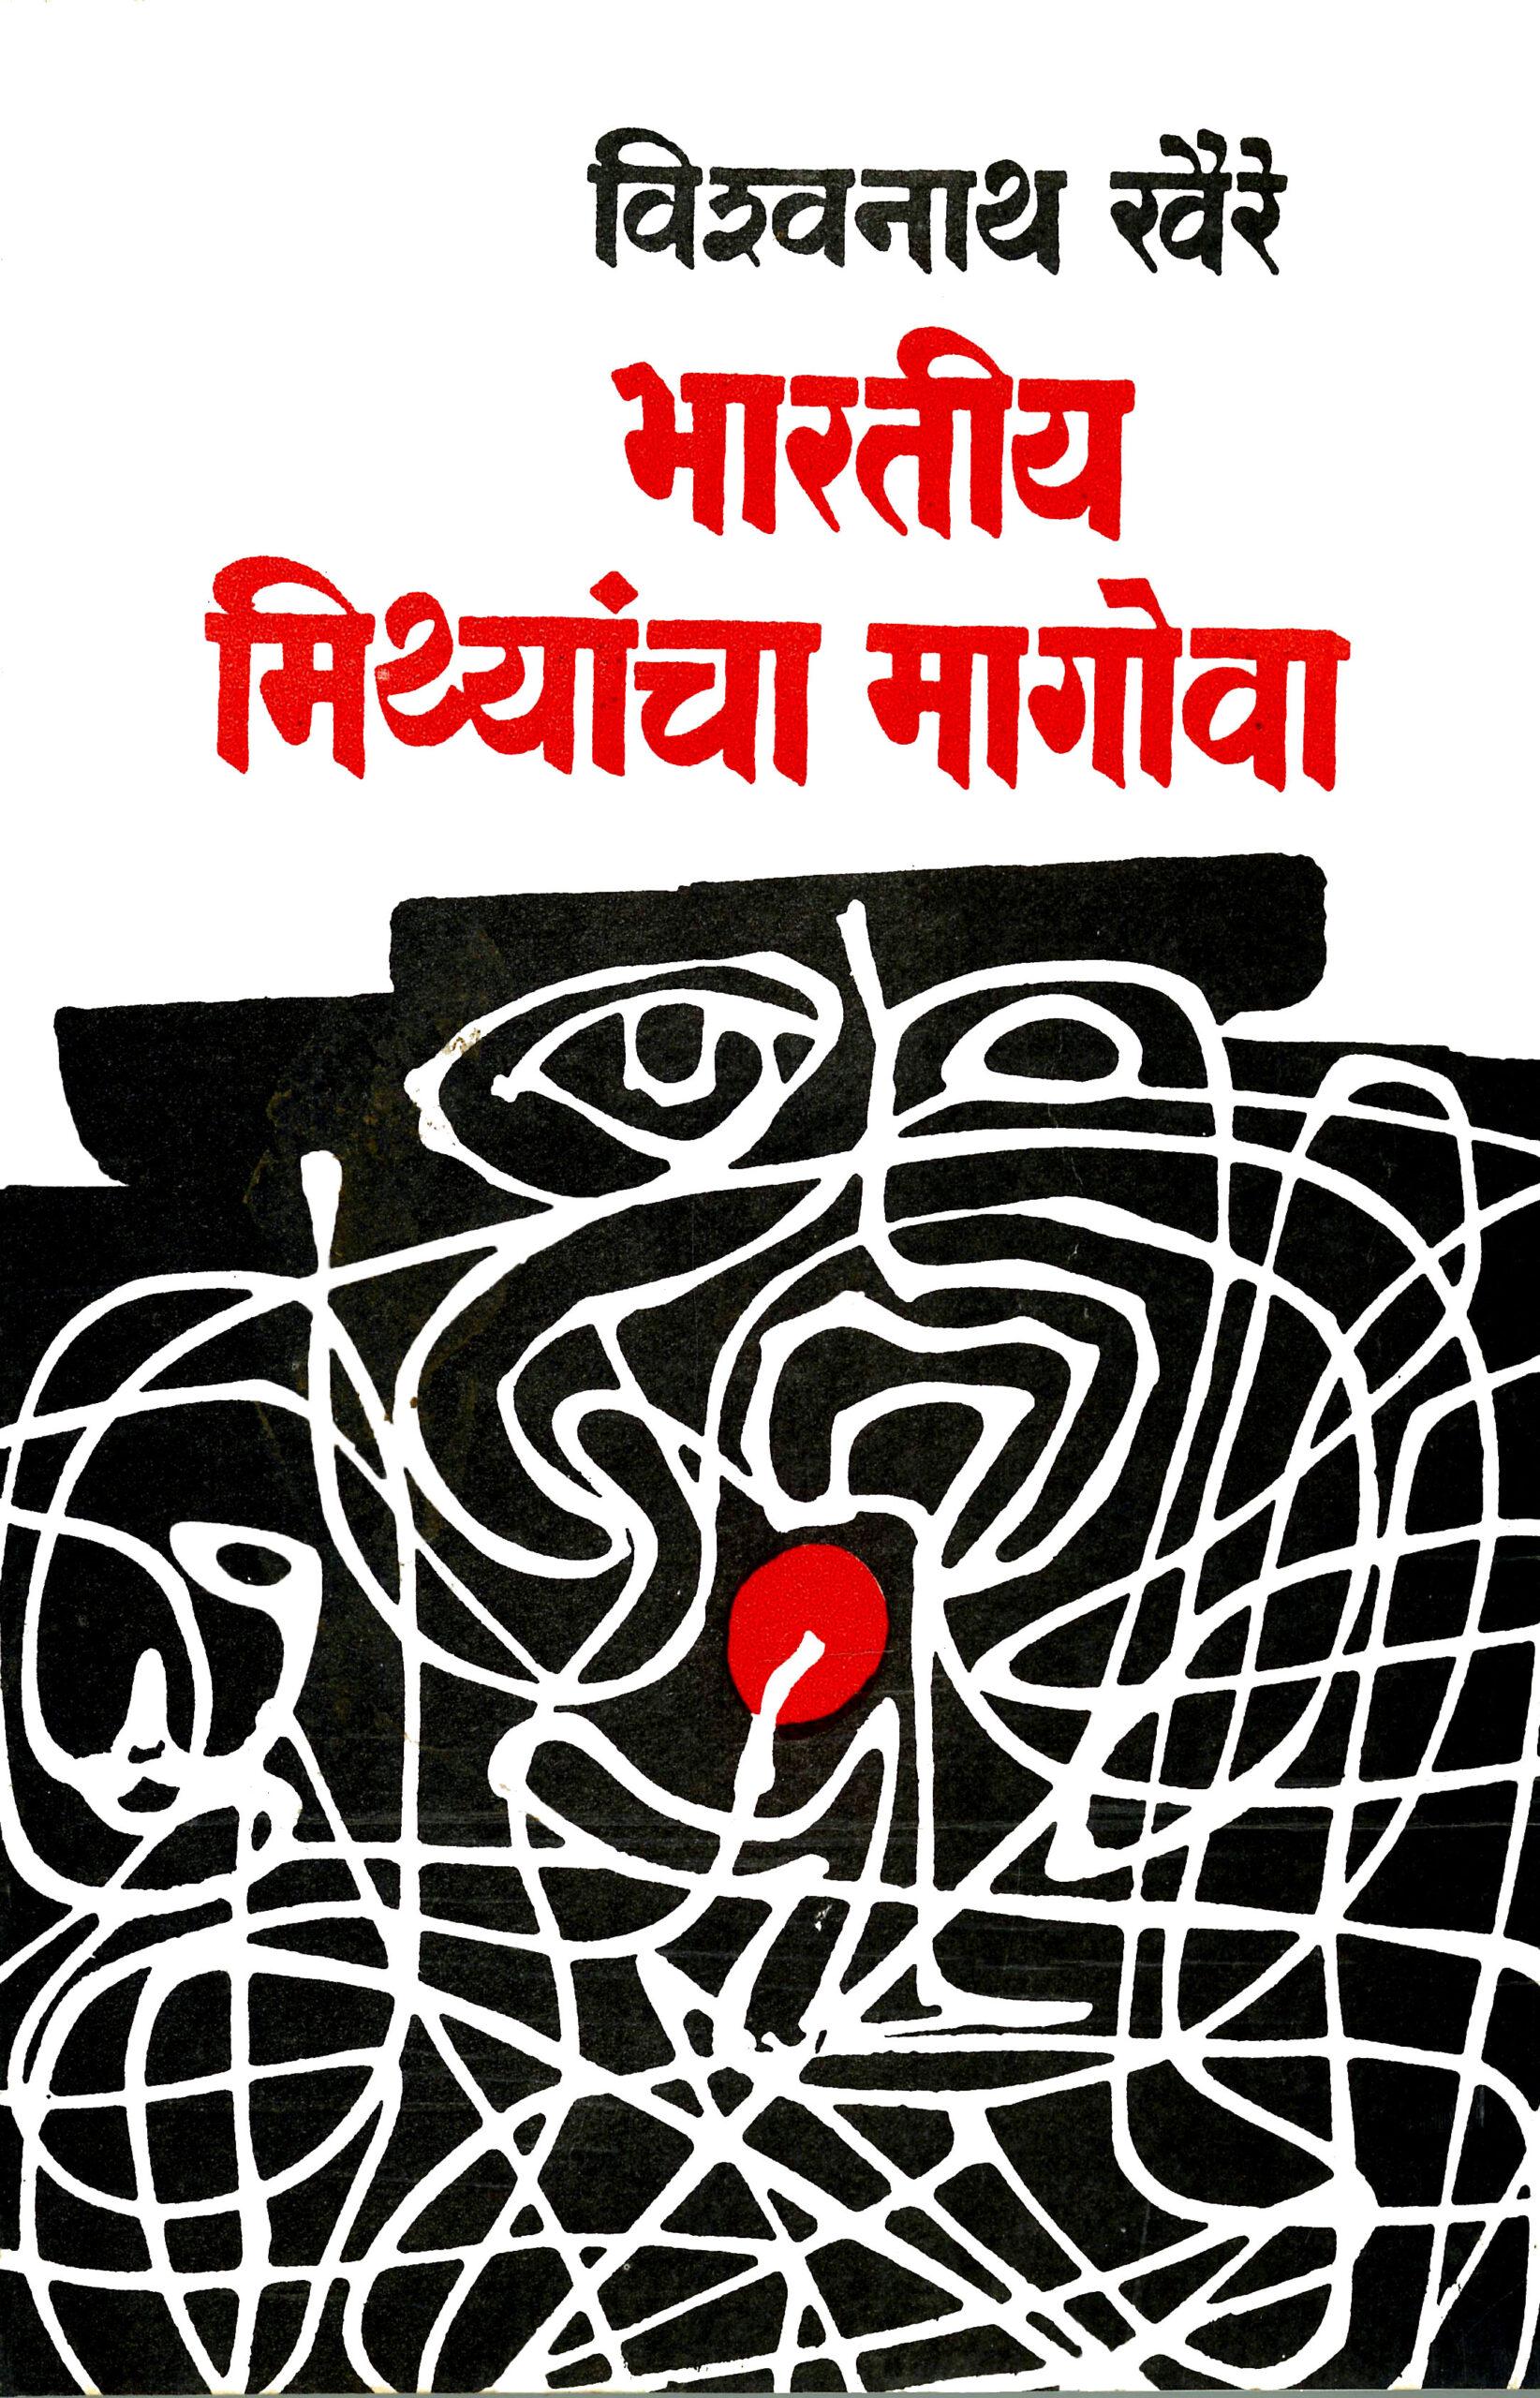 भारतीय मिथ्थांचा मागोवा (out of print)